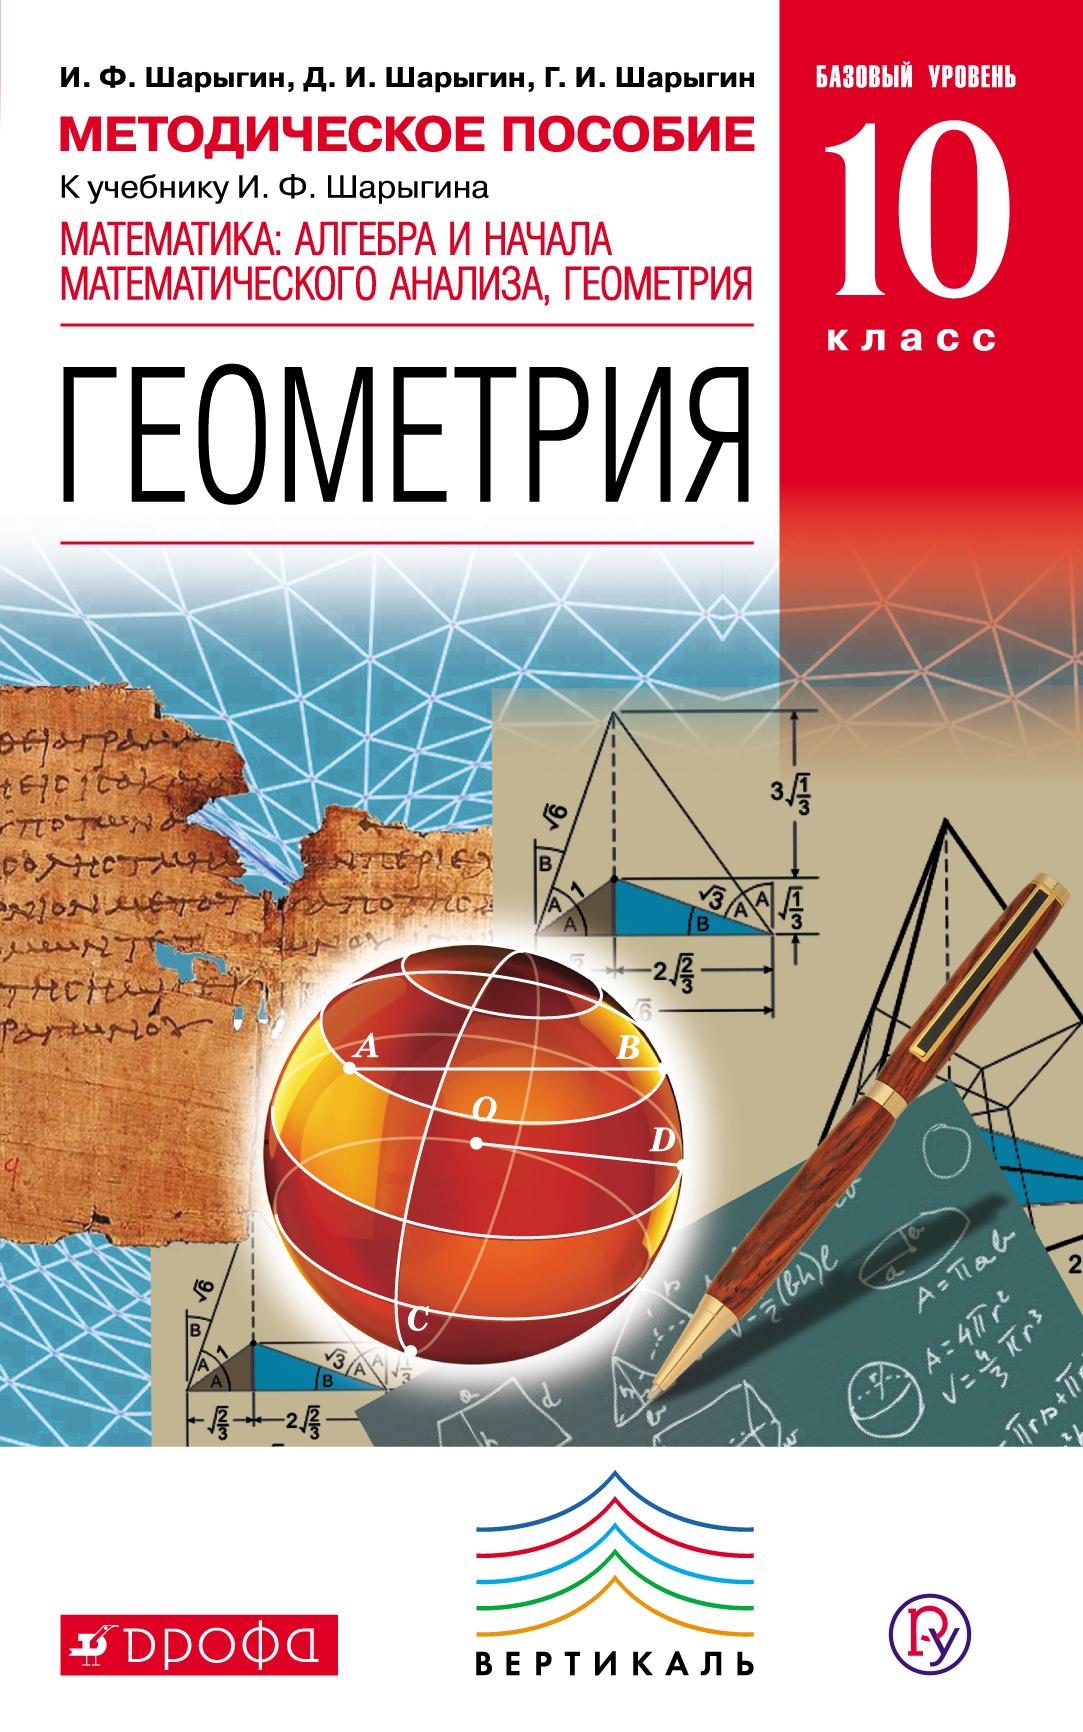 И. Ф. Шарыгин Методическое пособие к учебнику И. Ф. Шарыгина «Математика: алгебра и начала математического анализа, геометрия. Геометрия. Базовый уровень. 10 класс» цена